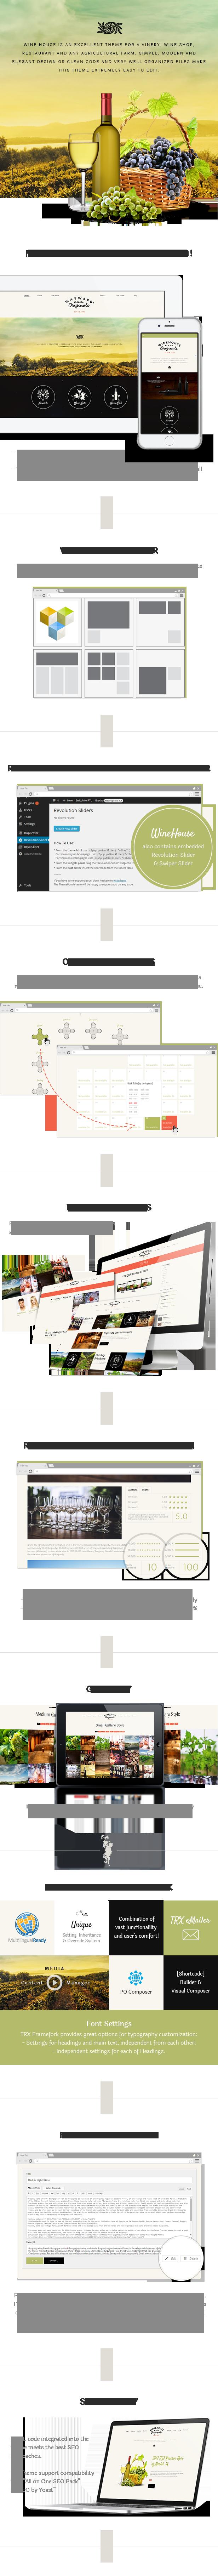 Wine House | Winery & Restaurant WordPress Theme - 3